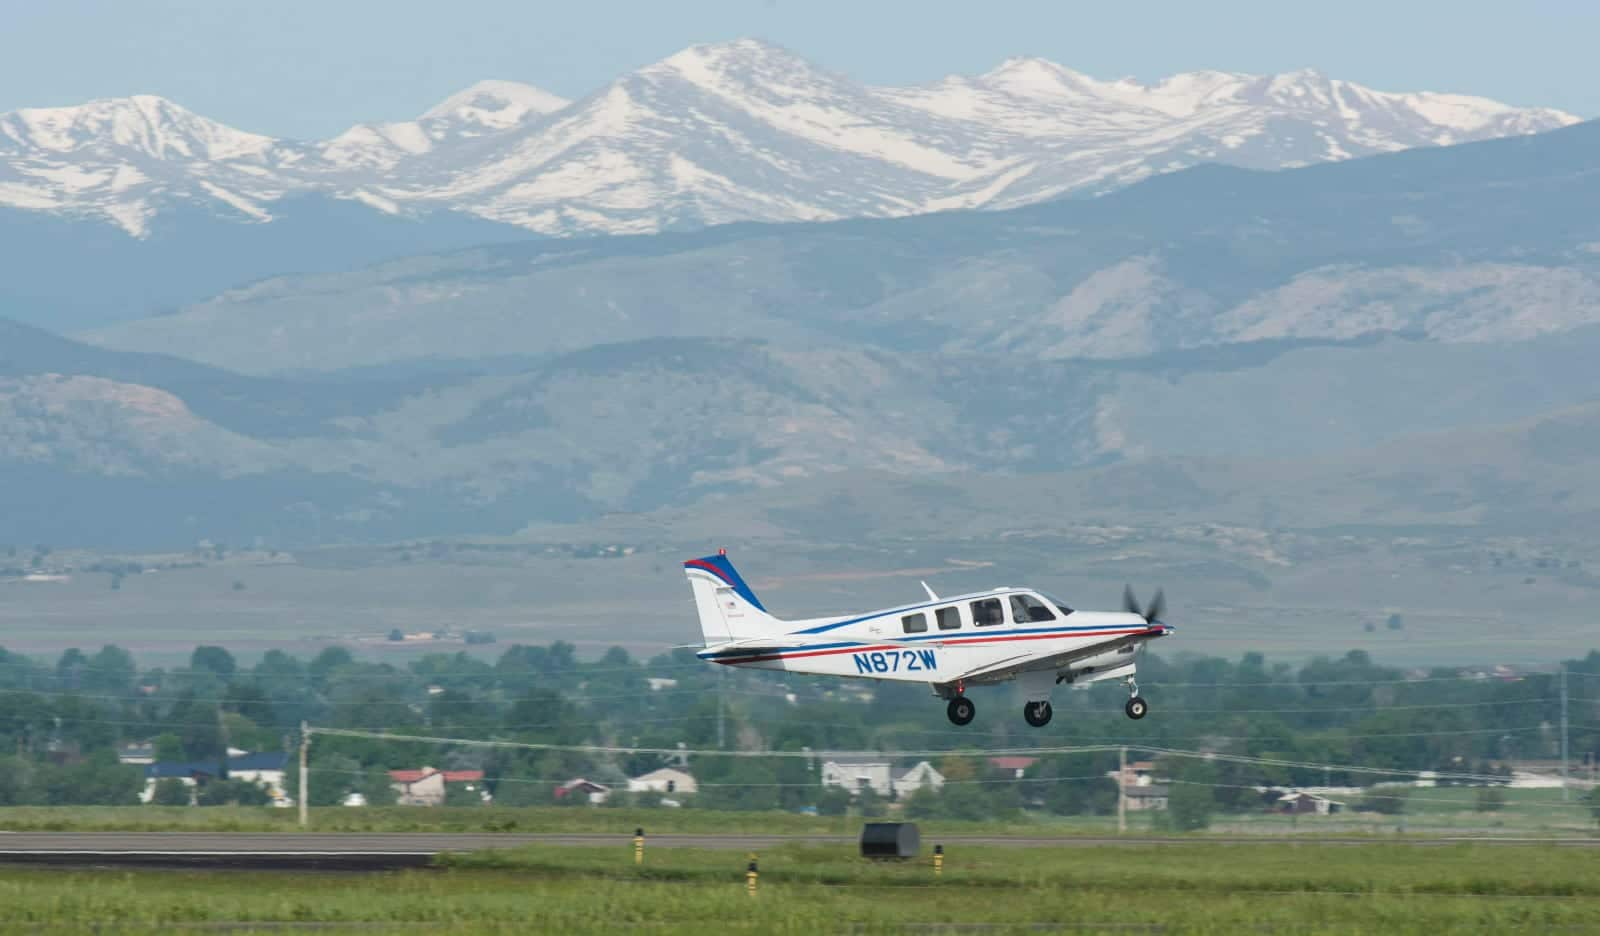 Northern Colorado Regional Airport